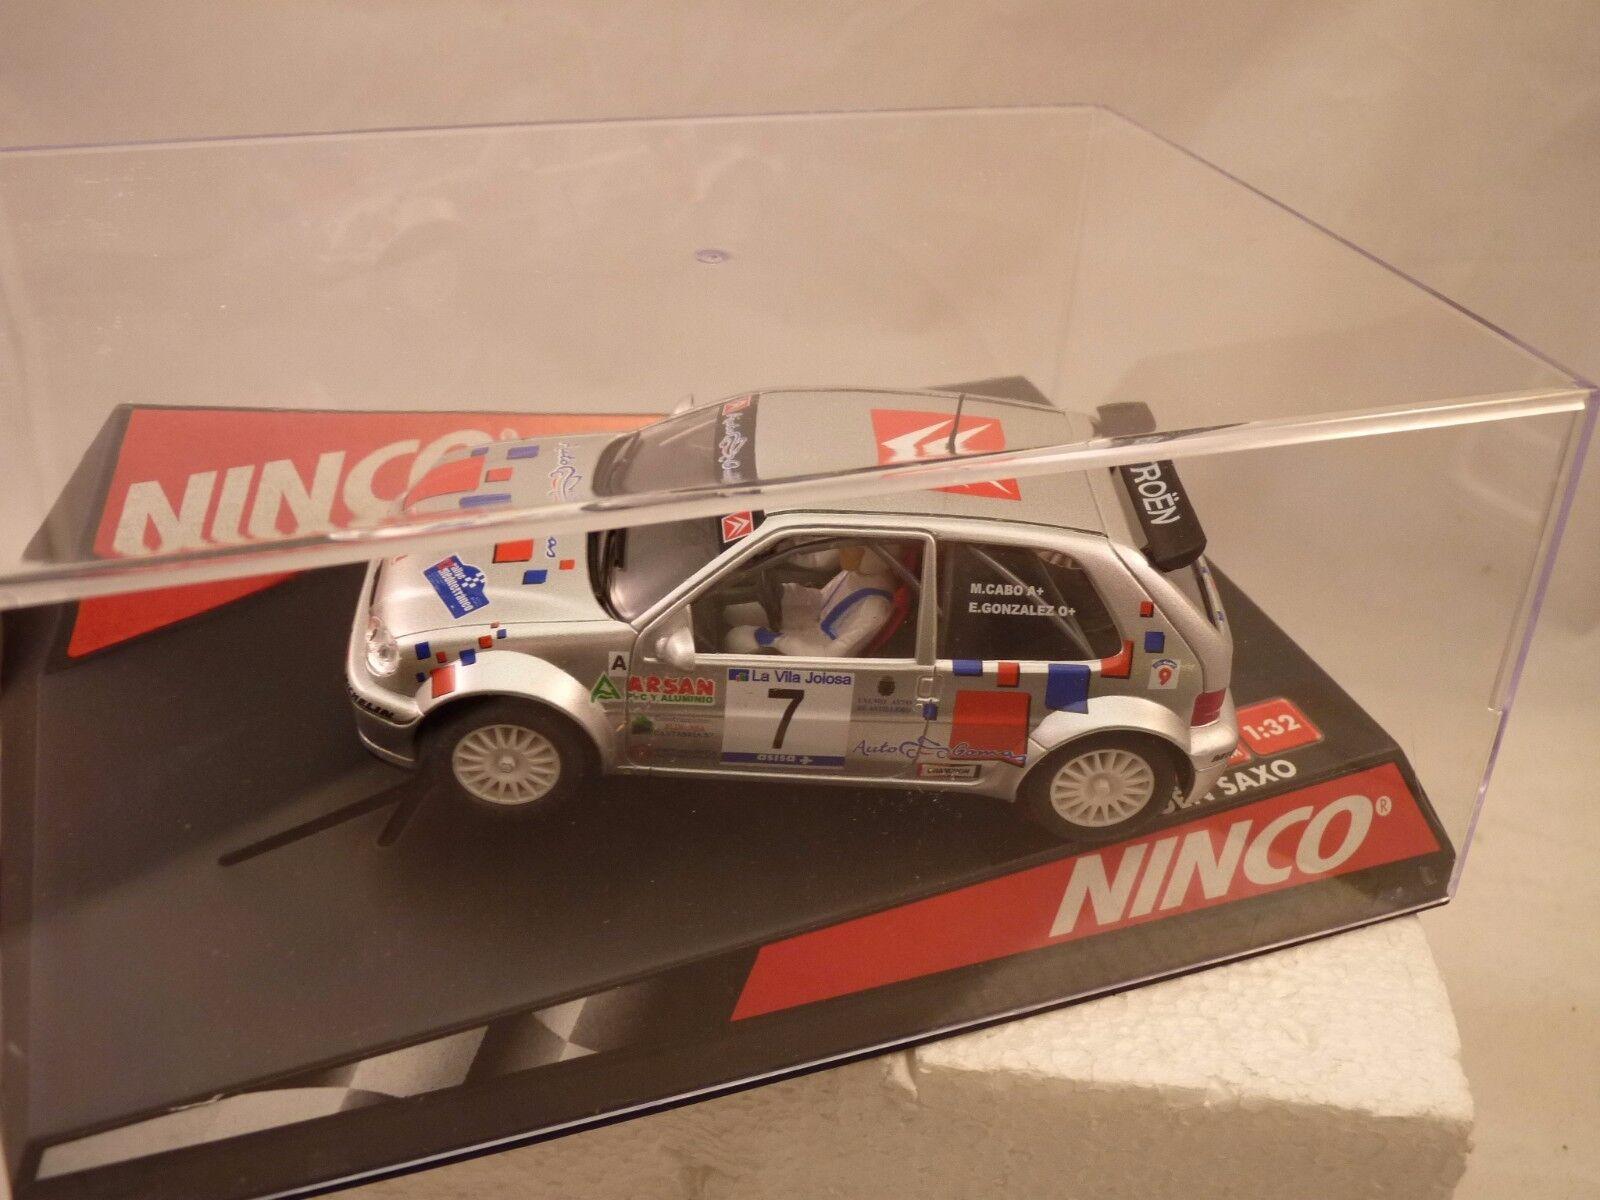 NINCO 1 32 SLOT CAR 50299 CITROEN SAXO SUPER 1800  M.CABO